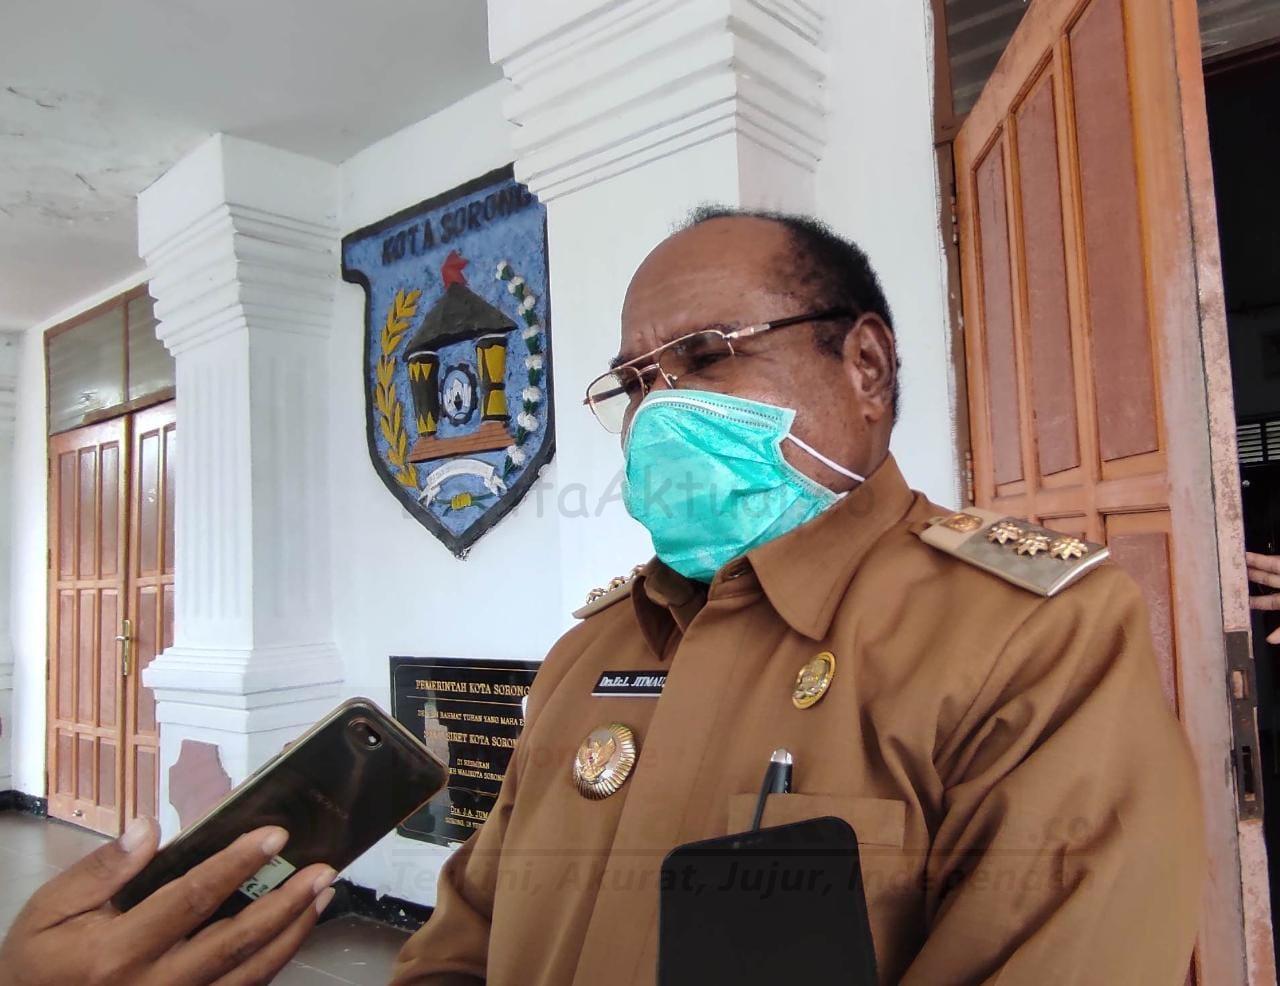 Bandara DEO Dan Pelabuhan Ditutup, Walikota Sorong: Itu Tidak Benar 28 IMG 20200908 WA0032